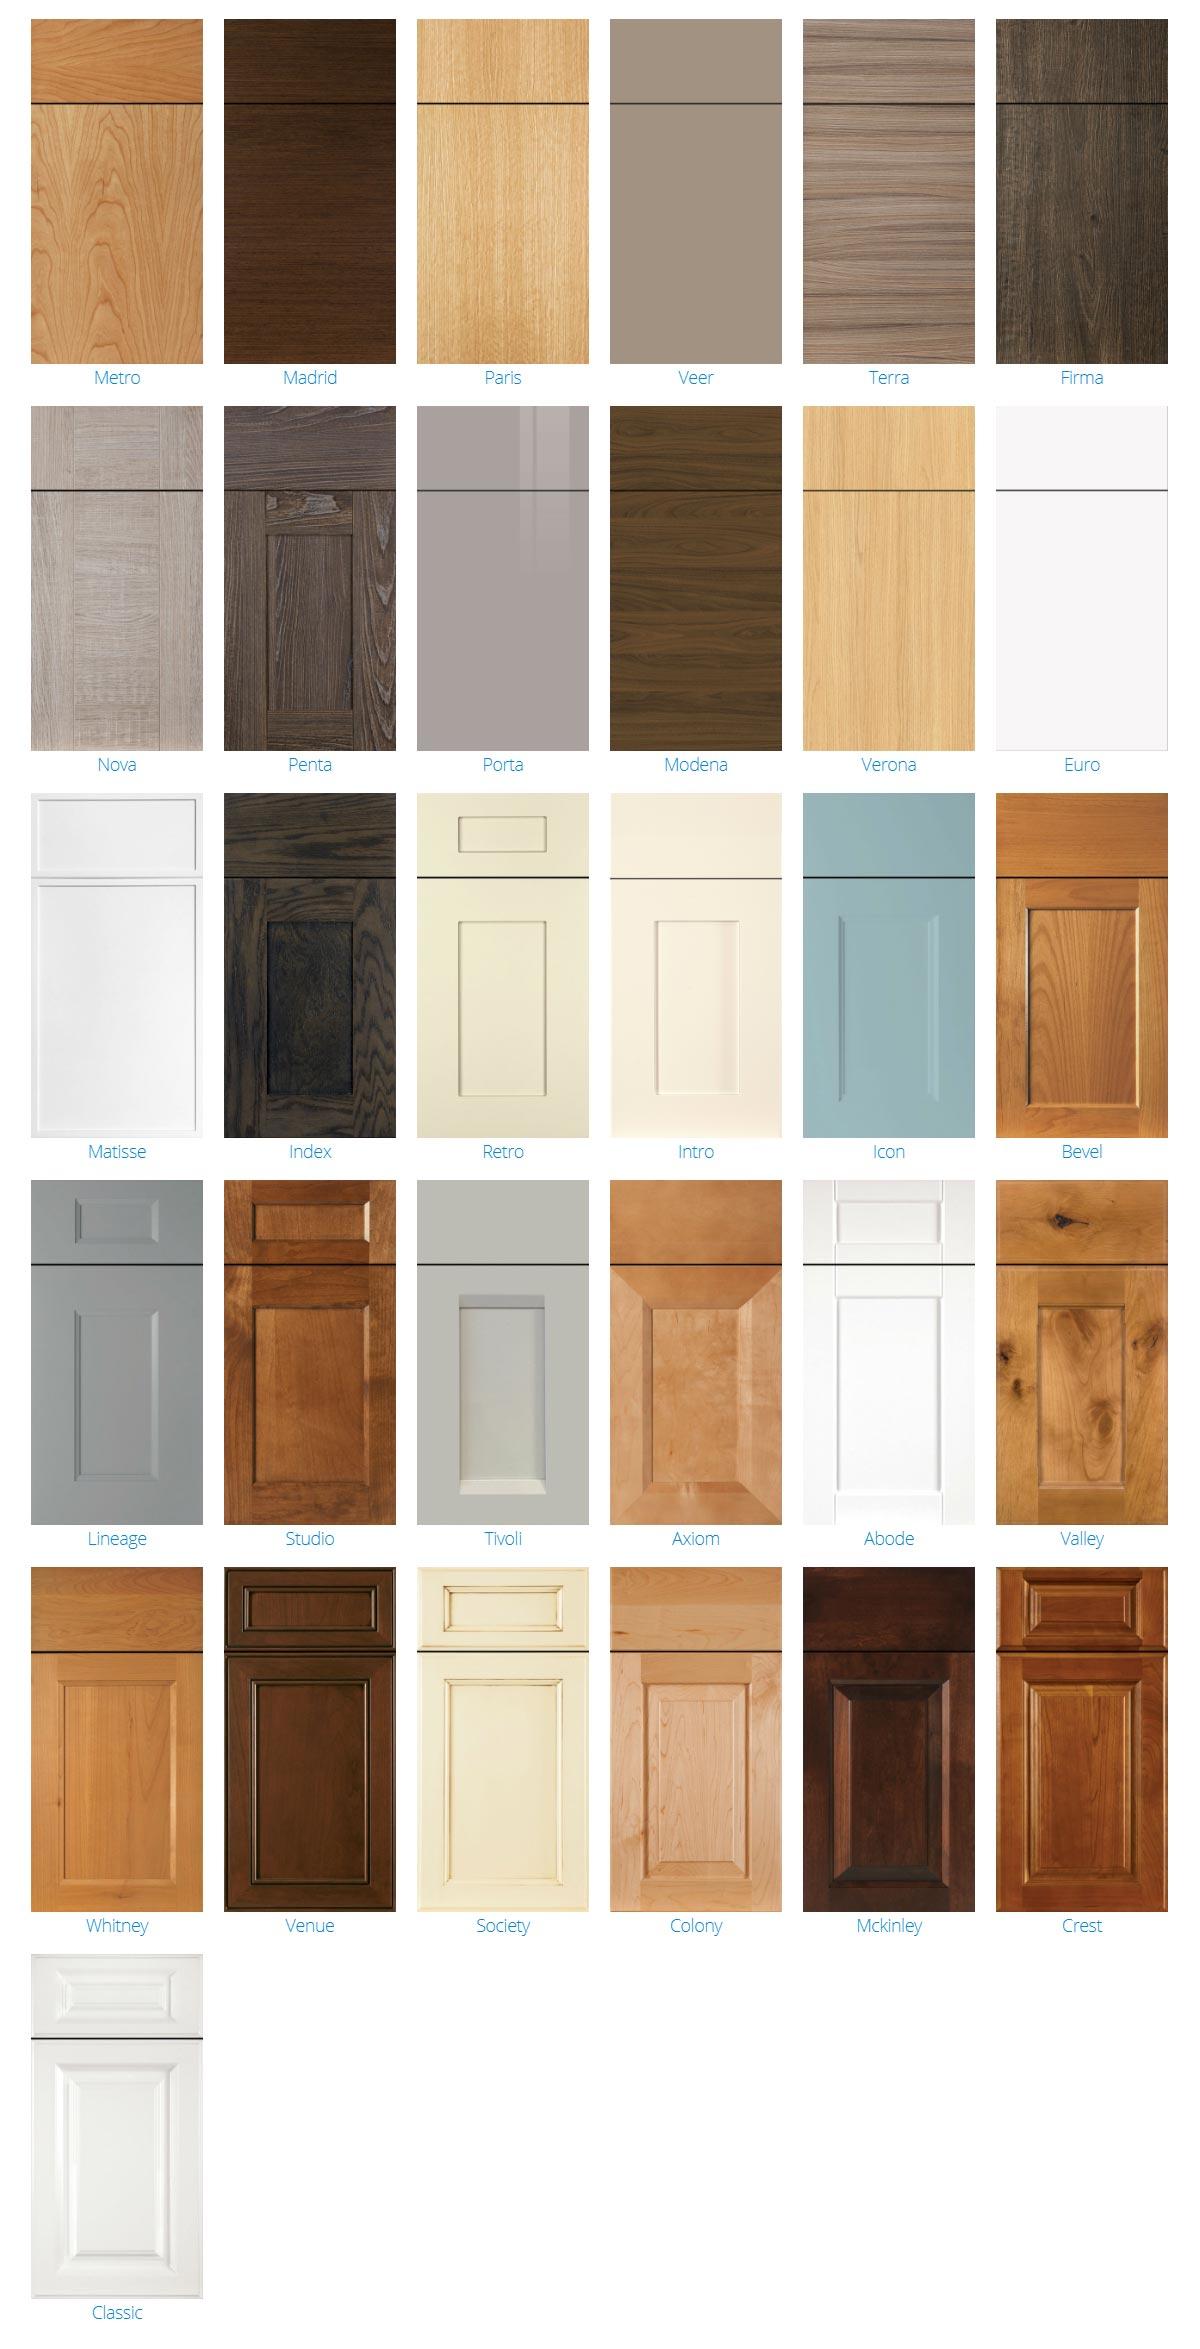 2600 Series Cabinet Door Styles